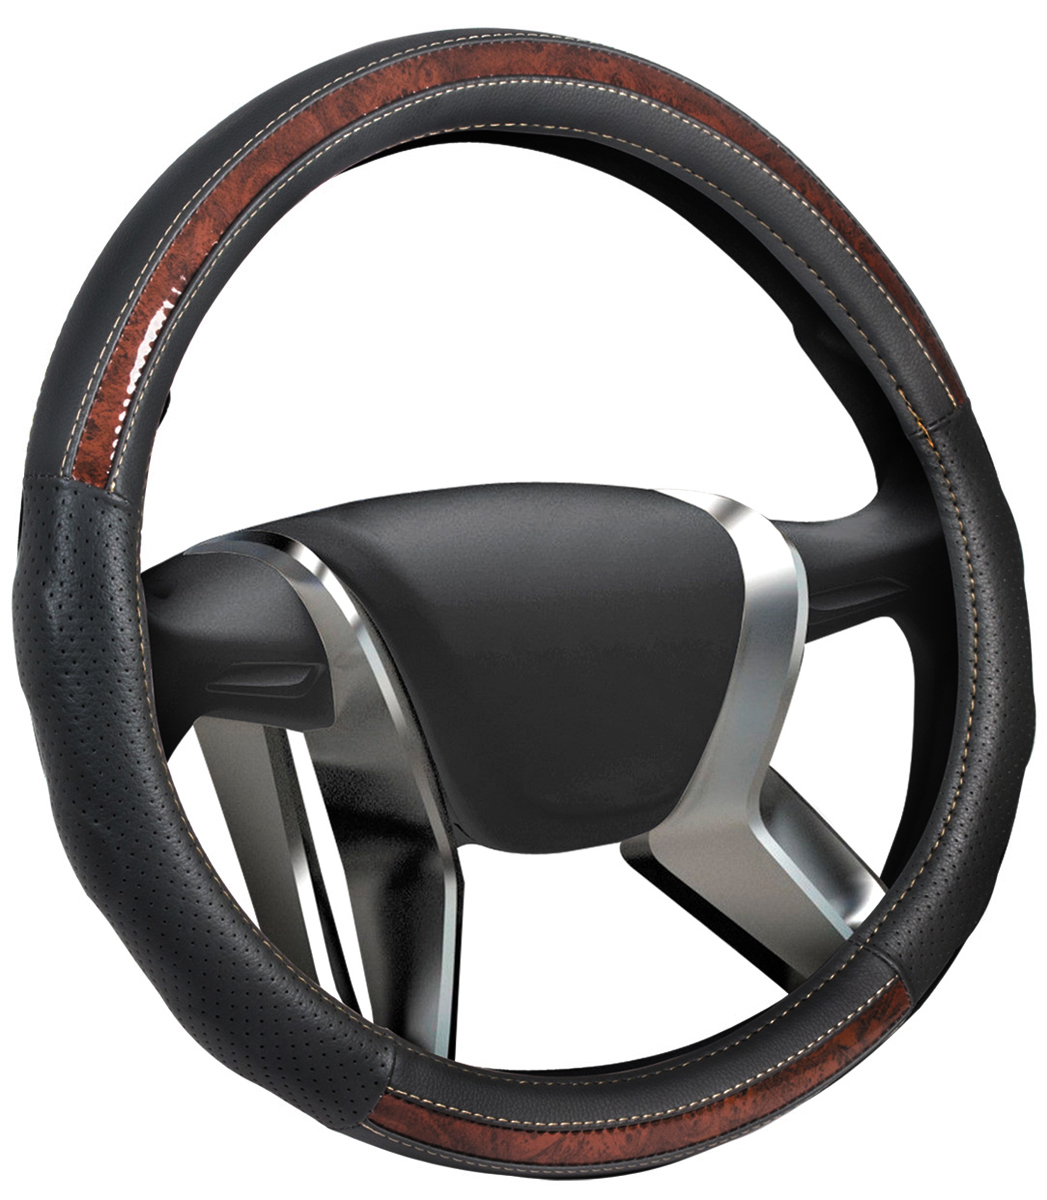 цена на Оплетка на руль Senator New Jersey, цвет: черный, диаметр 40 см